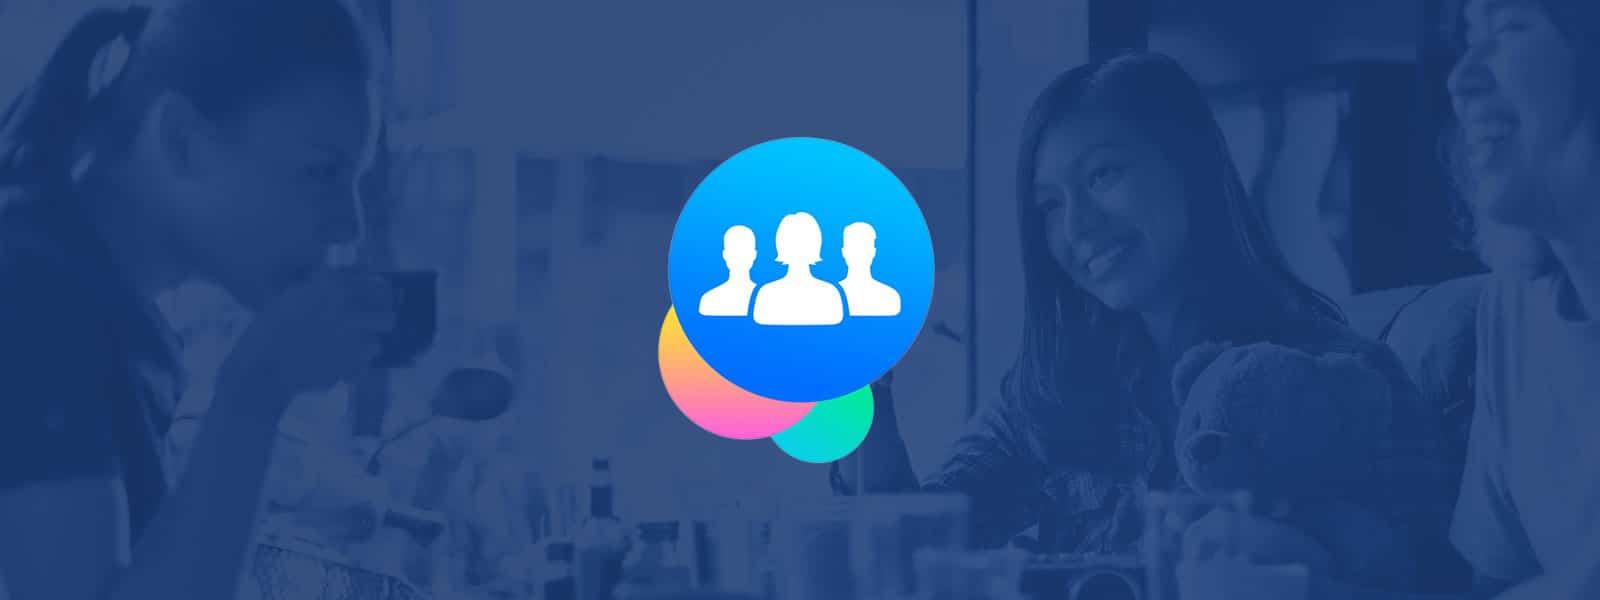 Facebook Groups เครื่องมือทรงประสิทธิภาพ ที่ไม่ควรมองข้าม